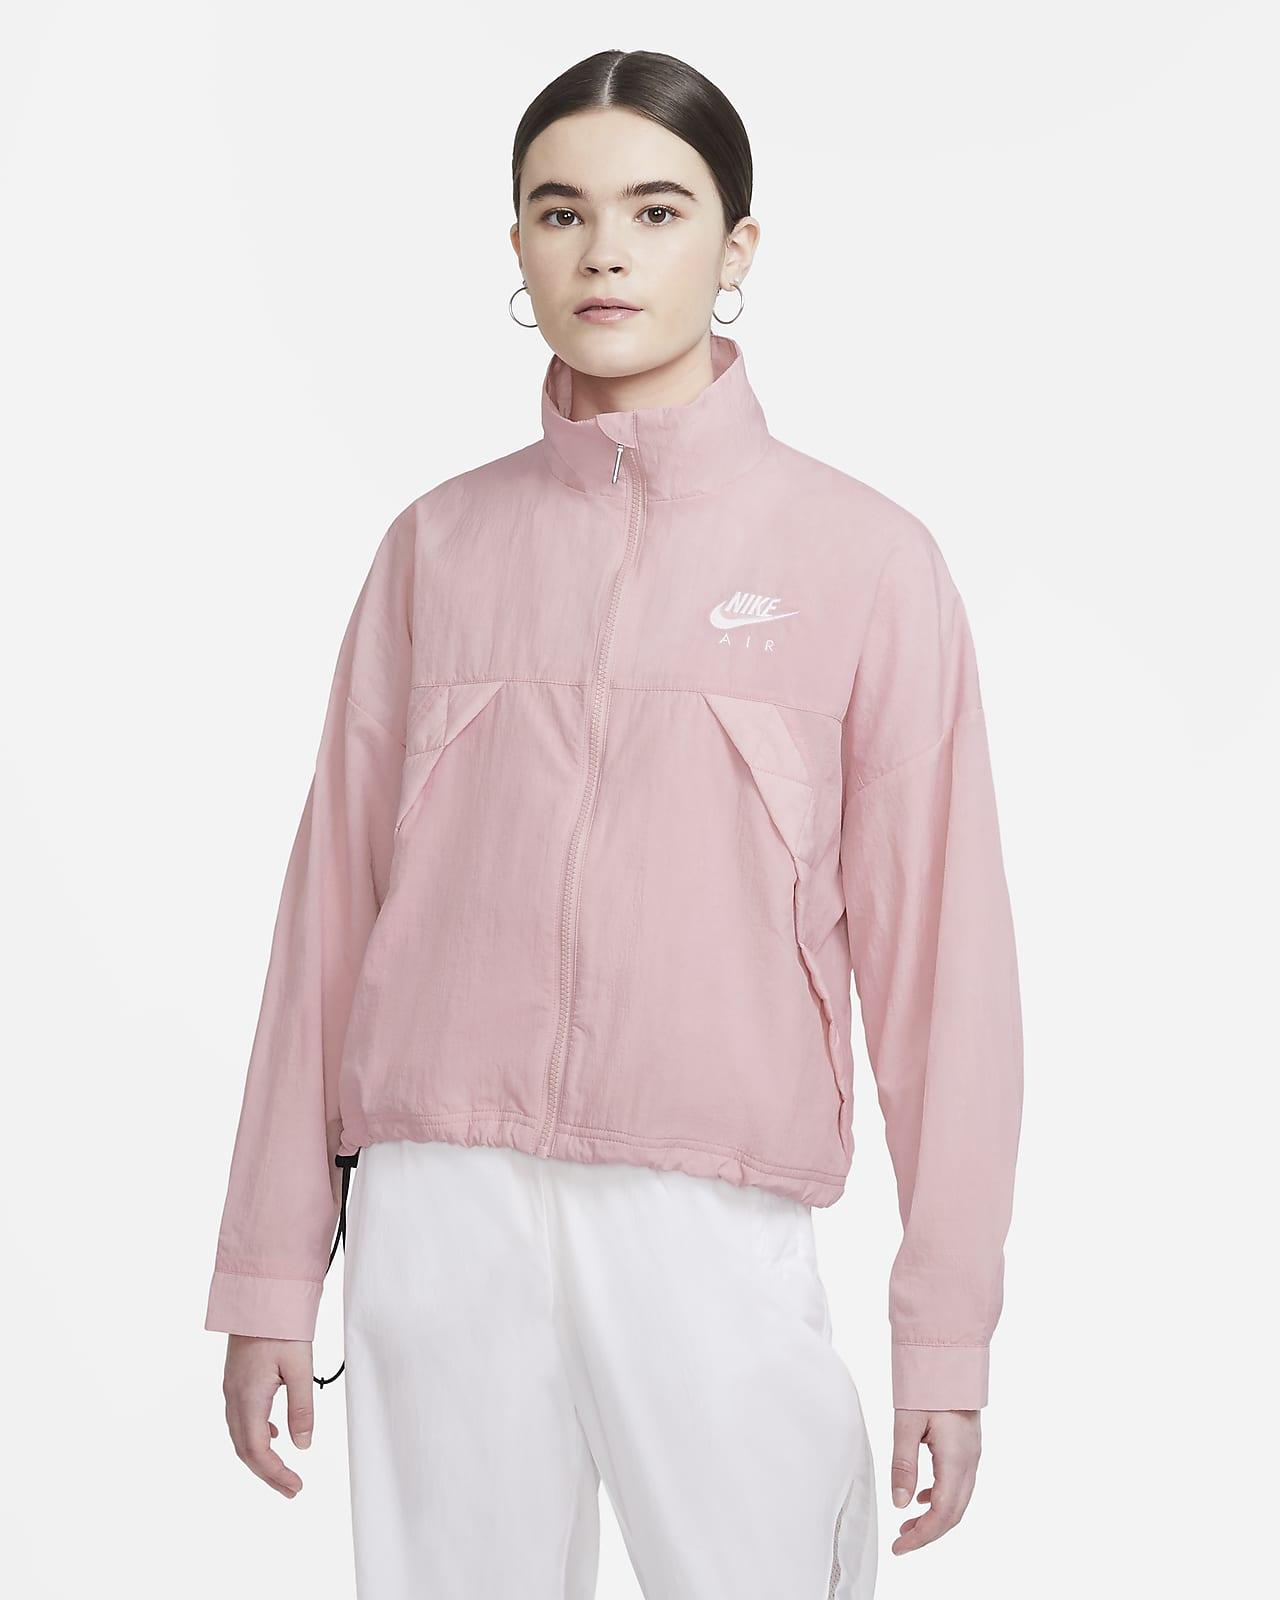 Dámská bunda Nike Air